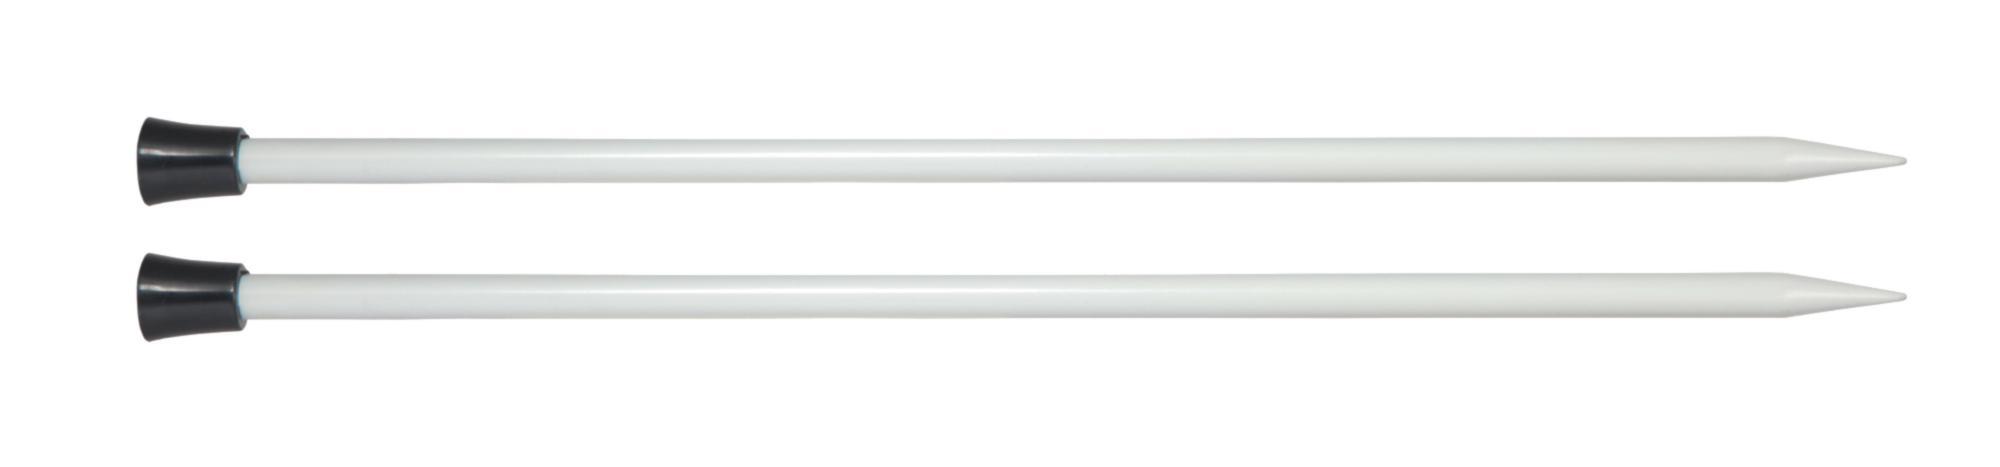 Спицы прямые 30 см Basix Aluminium KnitPro, 45222, 6.00 мм